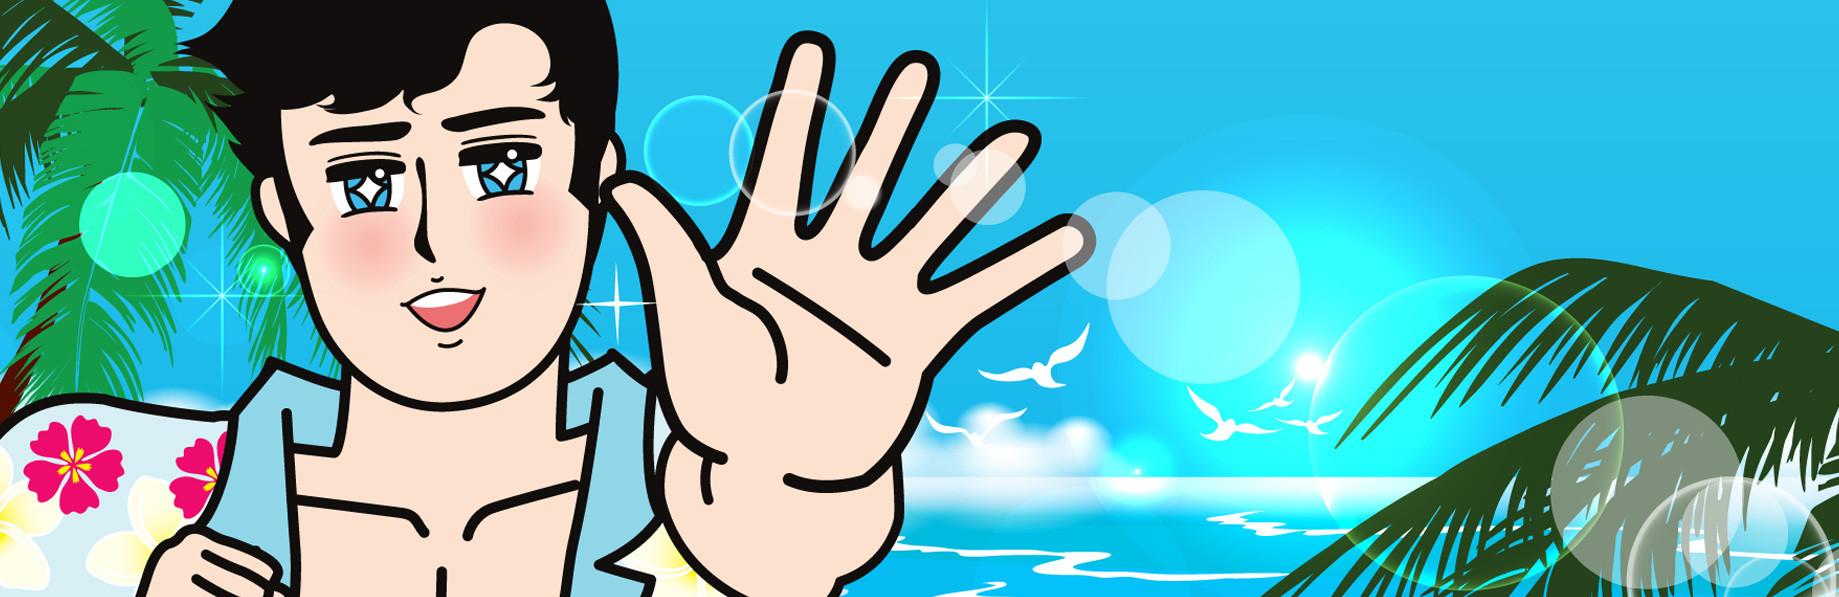 남치니는 달콤한 말과 다정다감한 성격으로 바쁜 일상으로 인한당신의 외로움을 달래기 위하여 탄생된 마음 따뜻한 남자 캐릭터에요. Namchini has sweet words and friendly personality It's a warm-hearted male character created to relieve your loneliness due to your busy daily life.